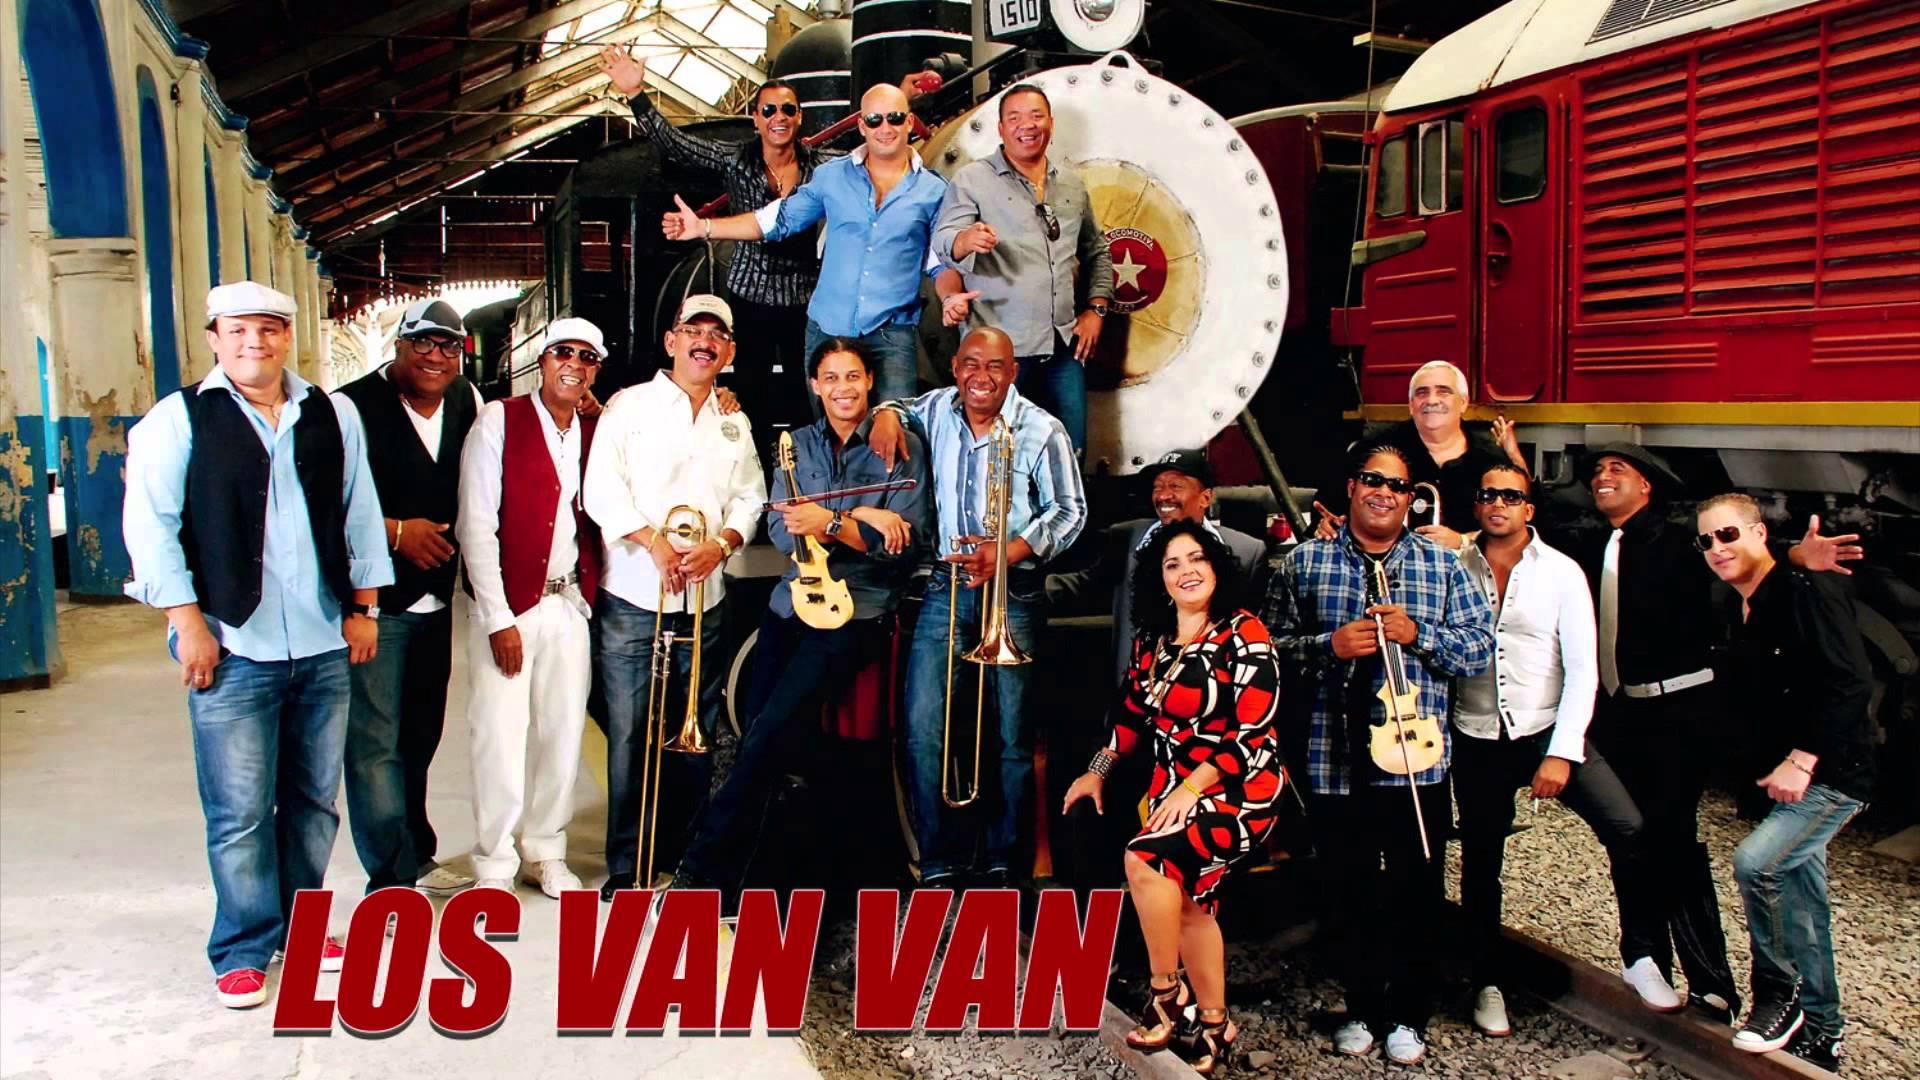 Los Van- Van